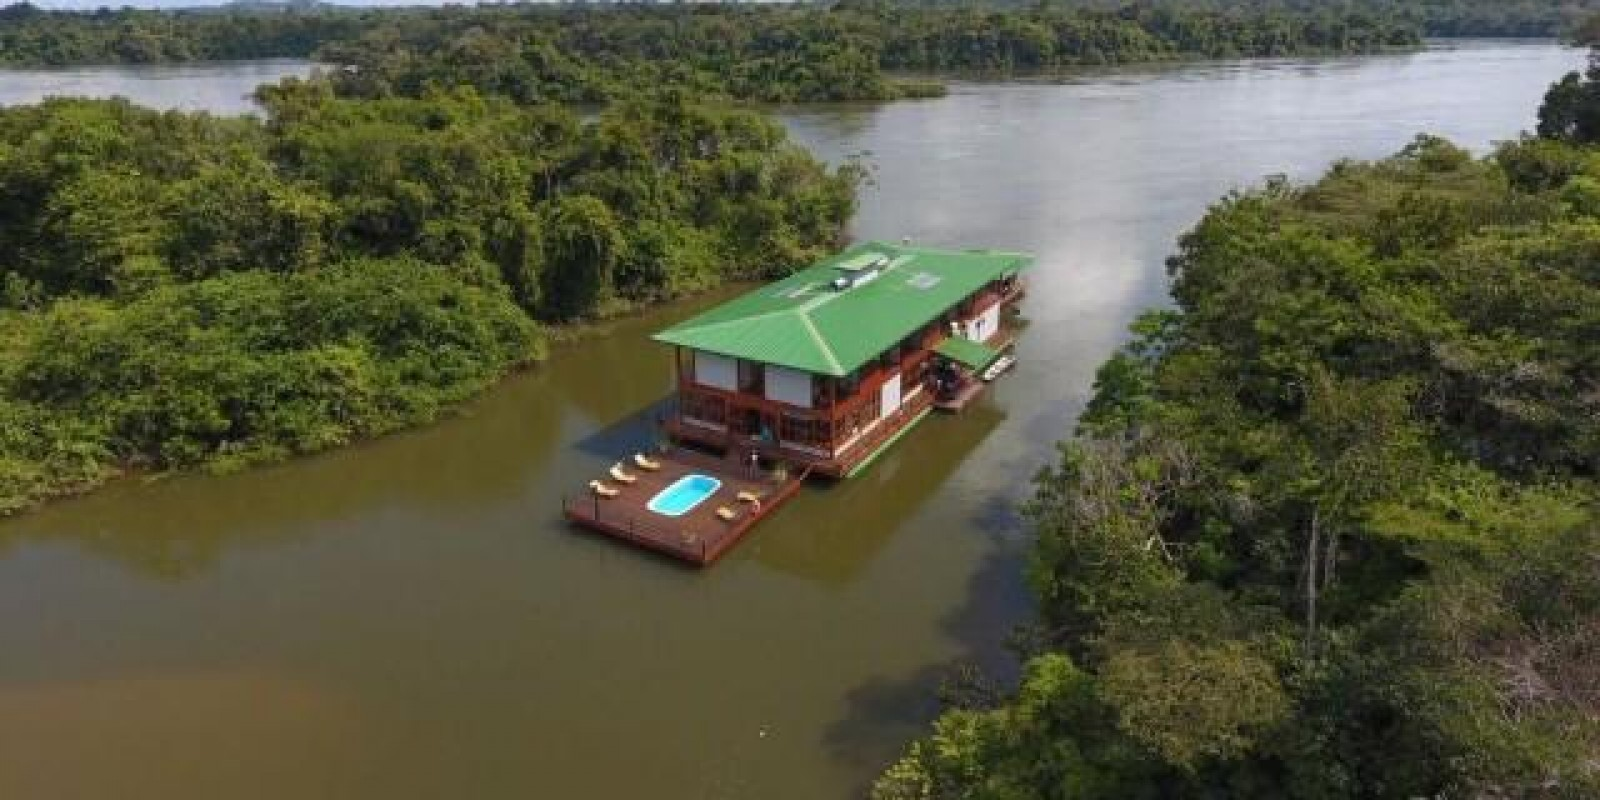 POUSADA FLUTUANTE SALTO AUGUSTO / RIO JURUENA